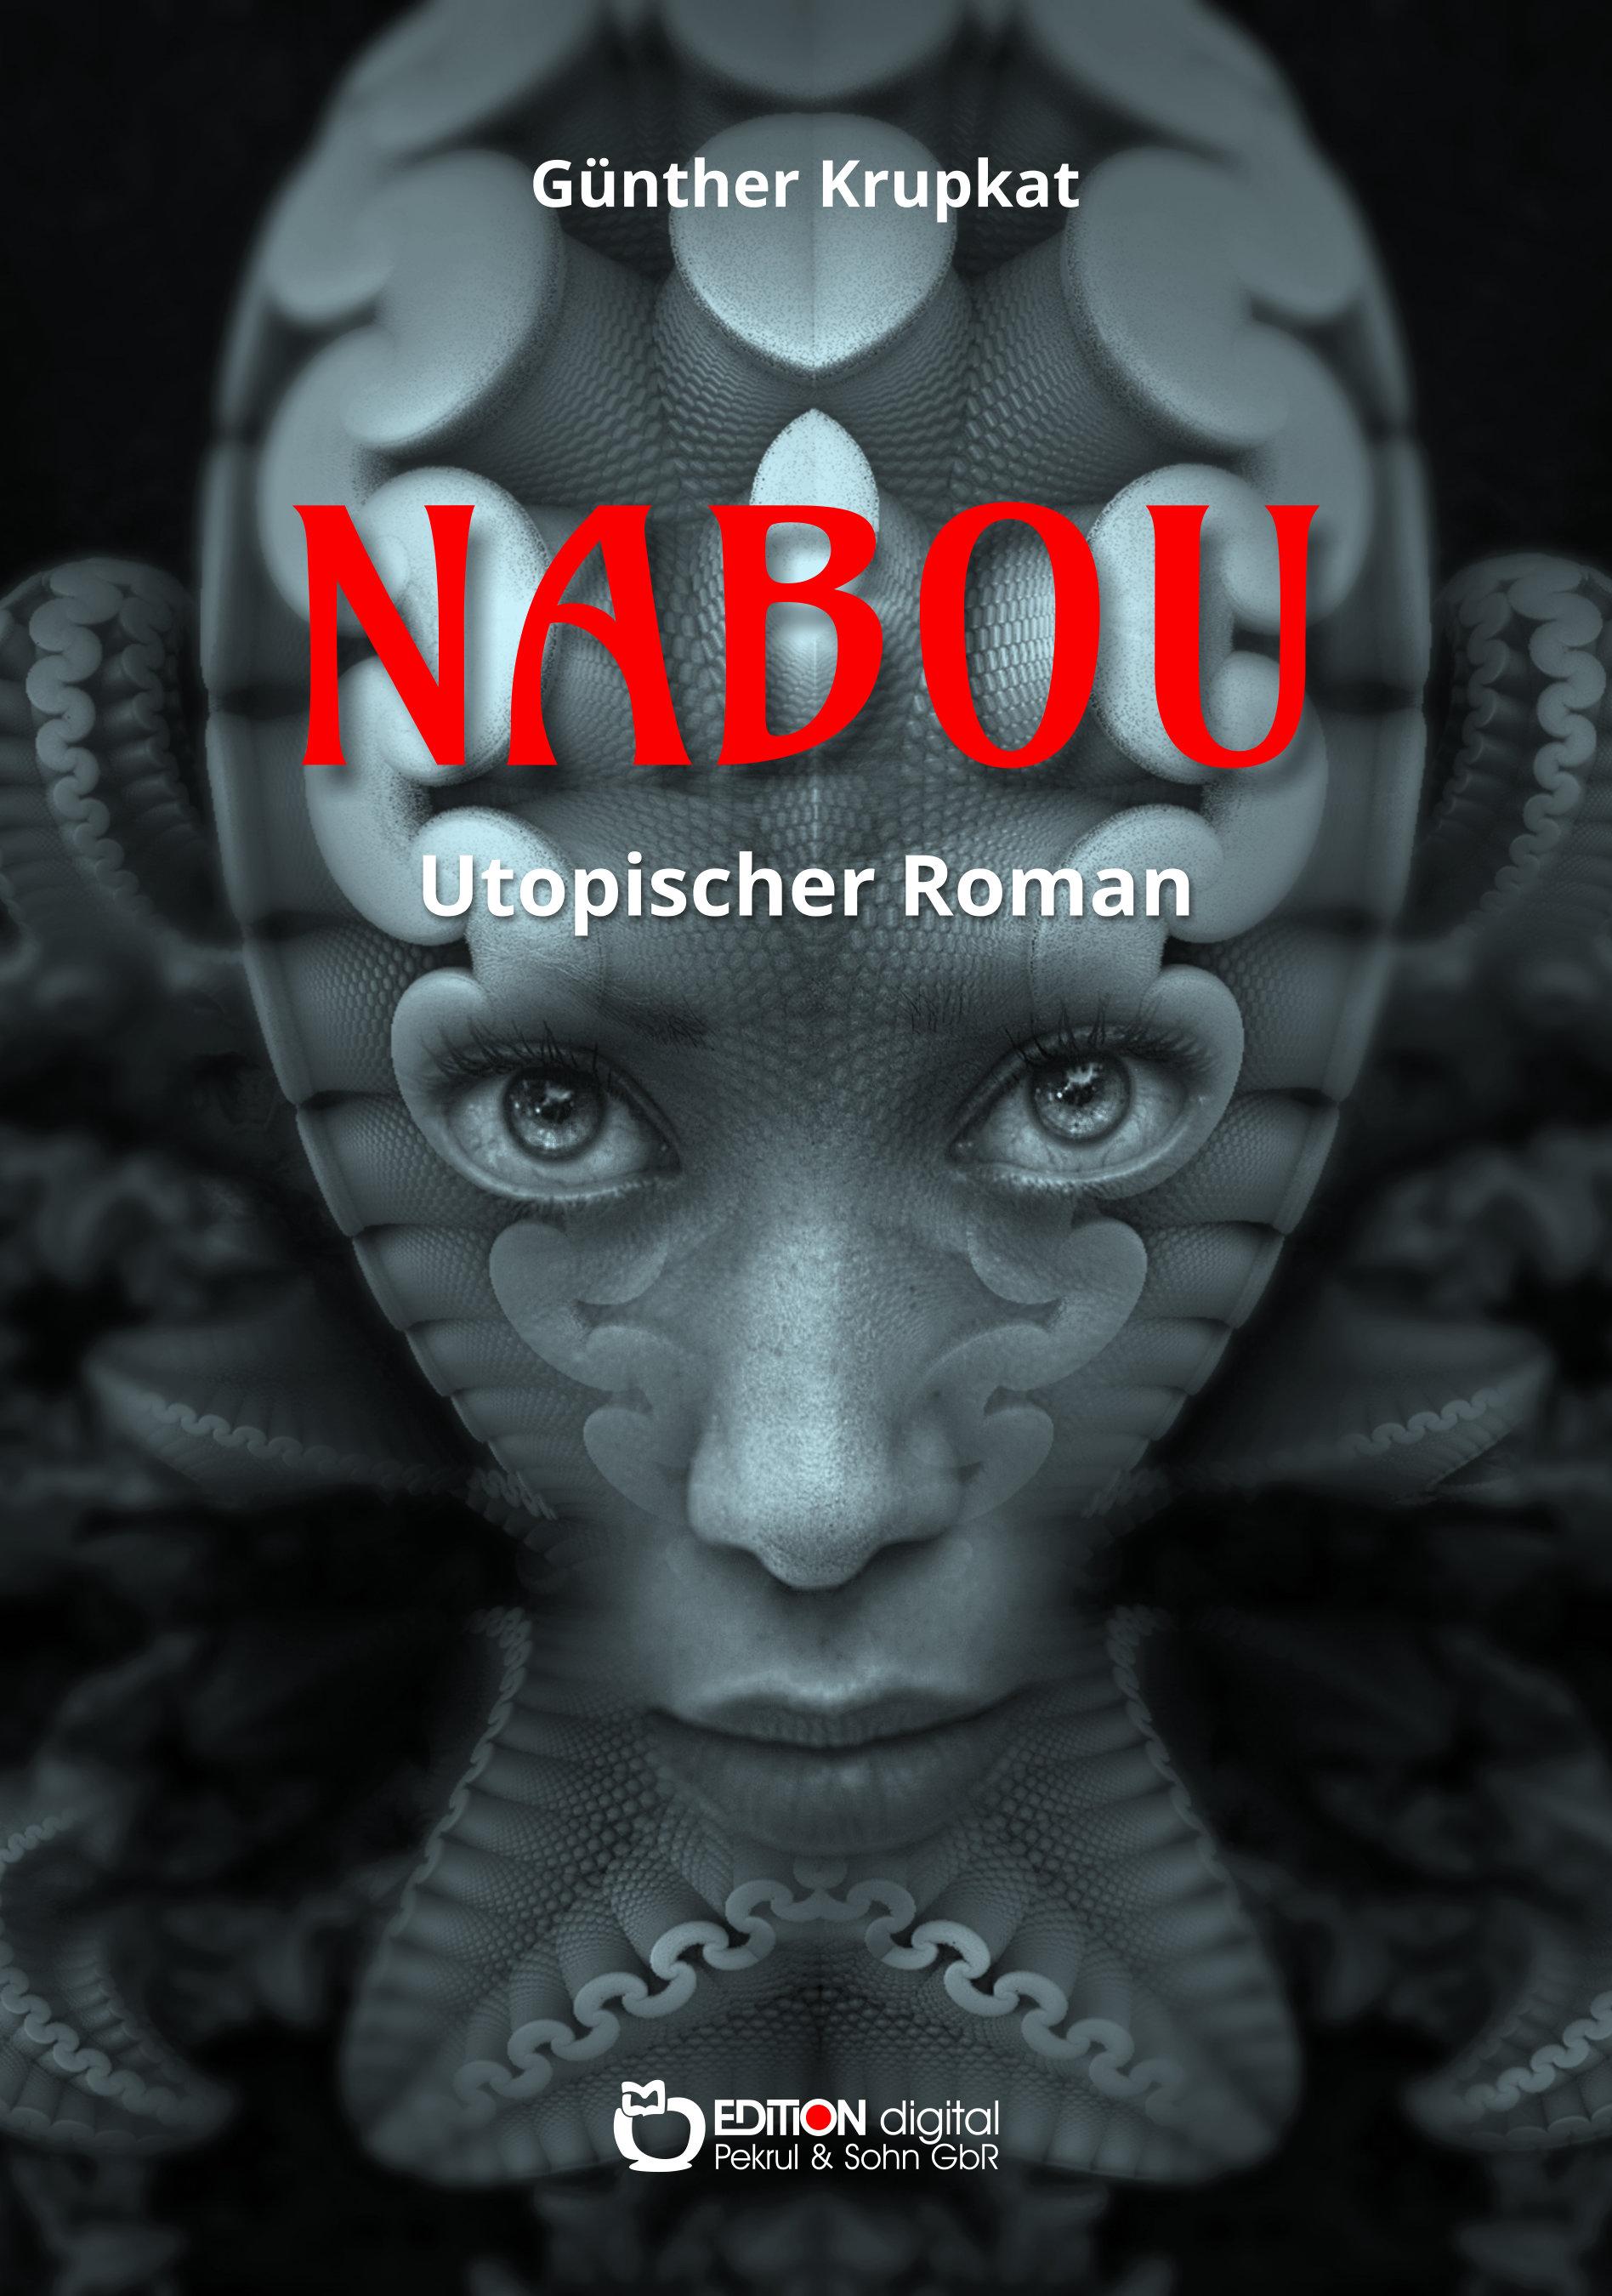 Nabou. Utopischer Roman von Günther Krupkat